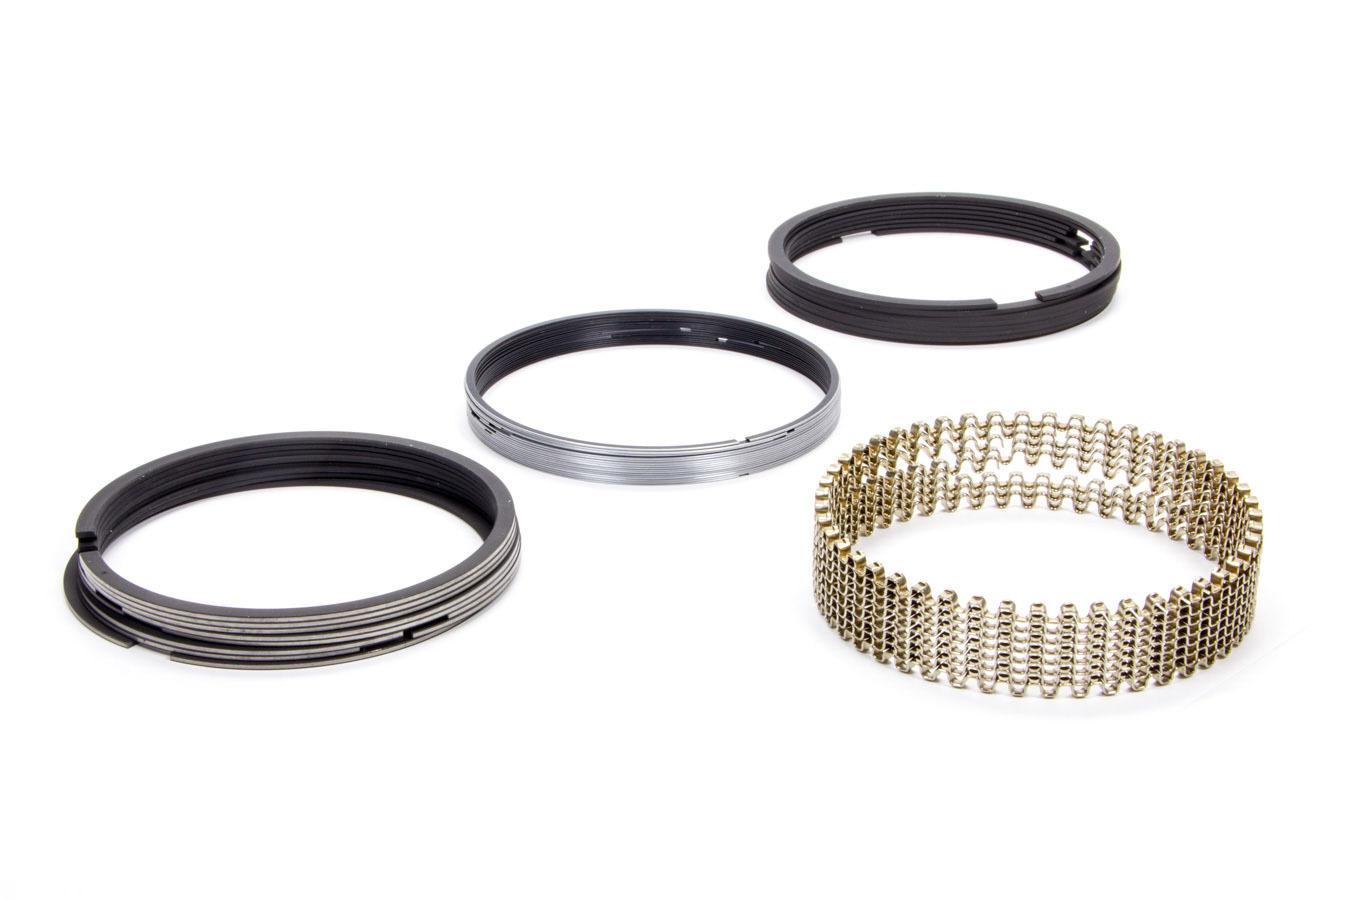 Piston Ring Set 4.060 1/16 1/16 3/16